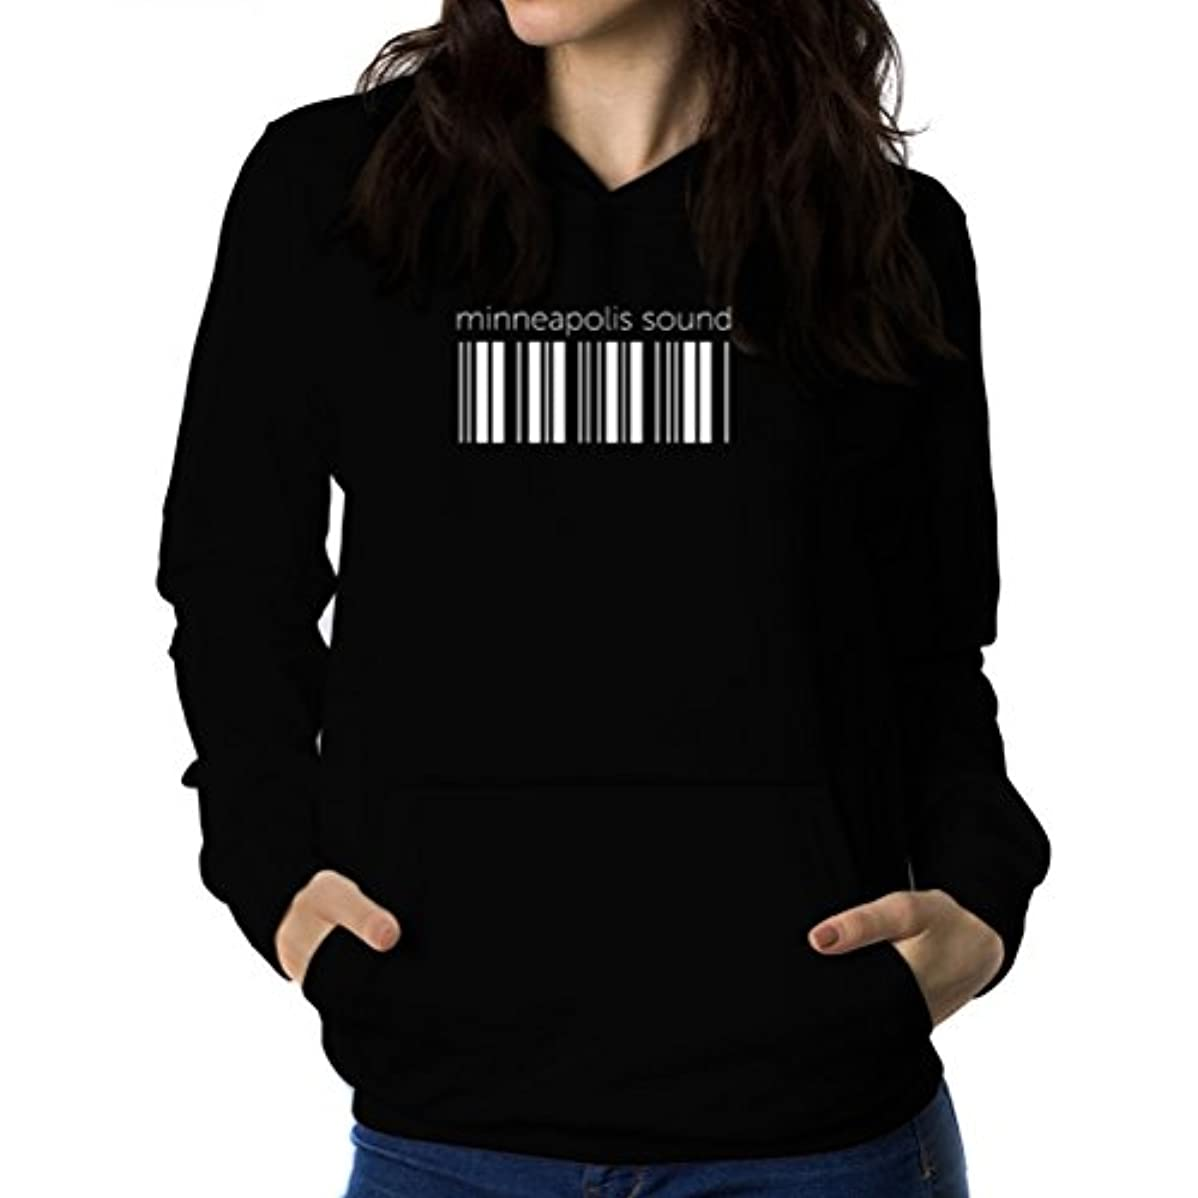 直接アナニバー応用Minneapolis Sound barcode 女性 フーディー